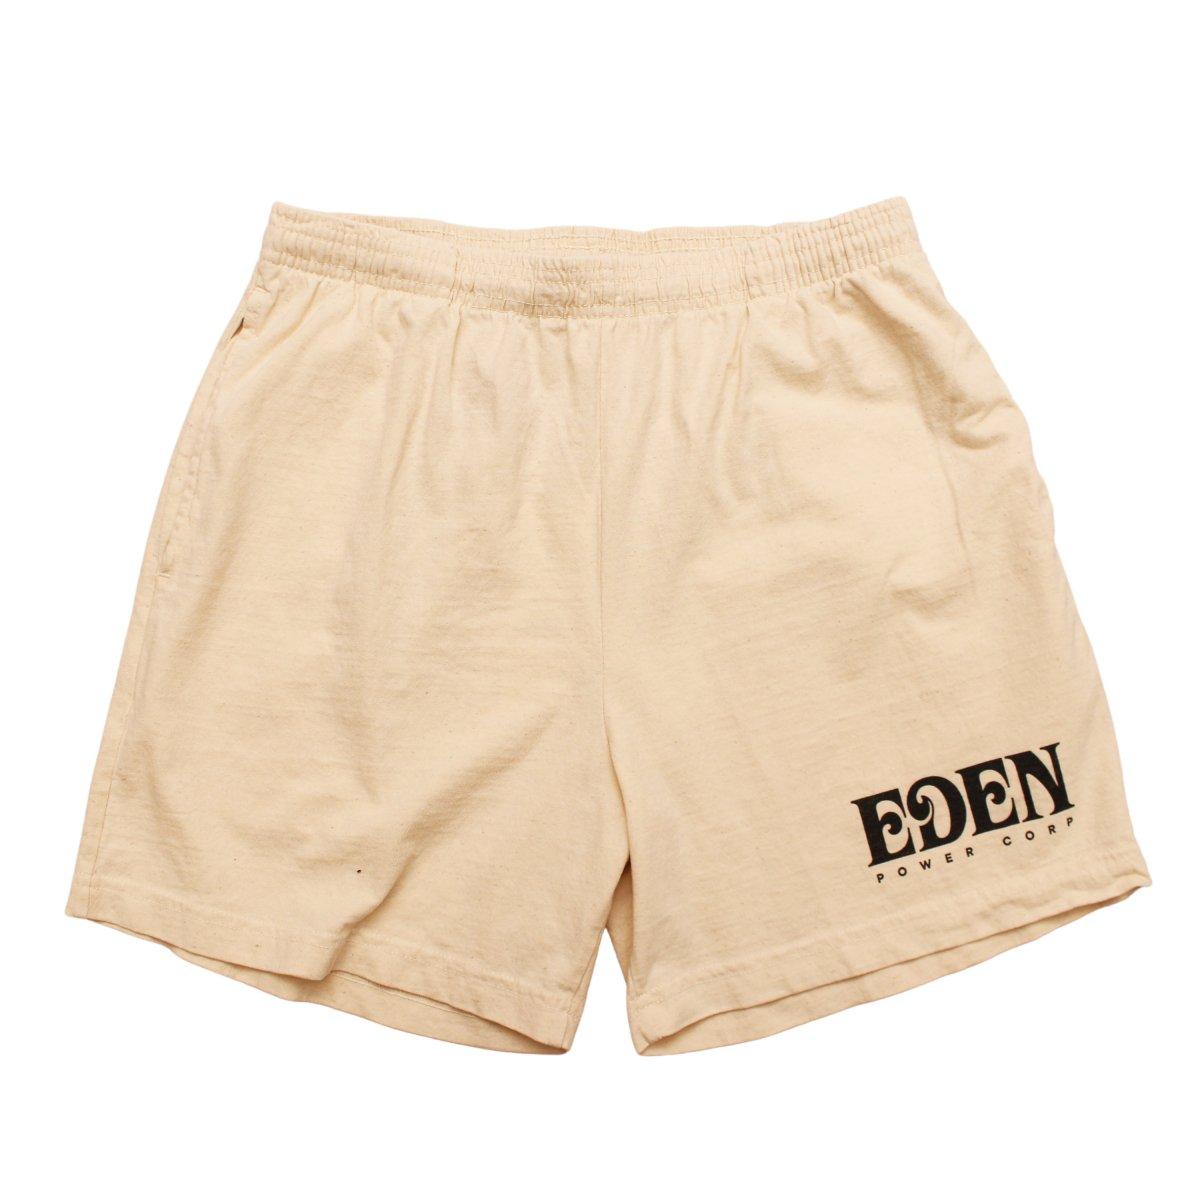 Eden Sweat Recycled Sweatshort【BEIGE】